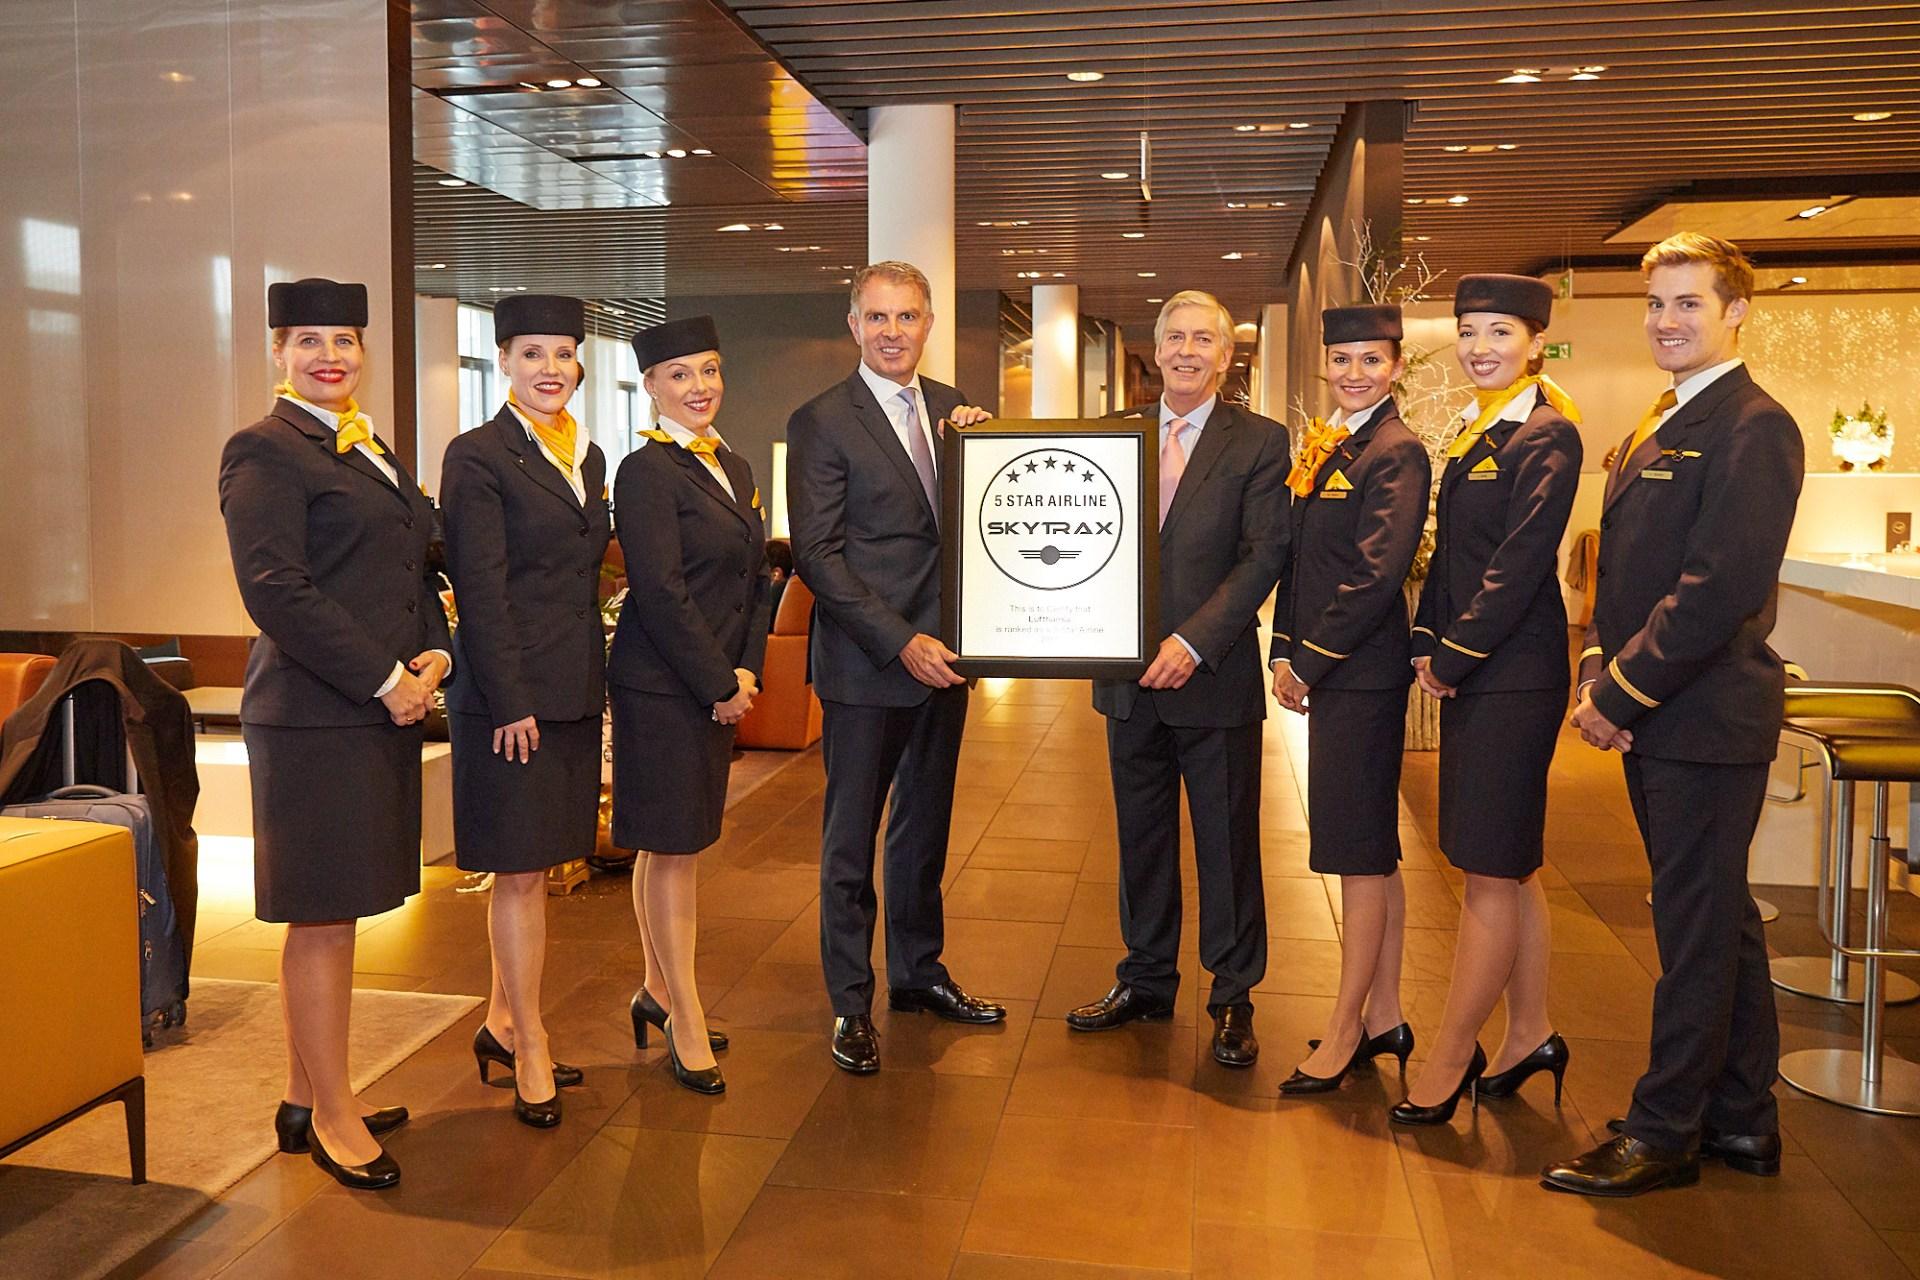 Lufthansa 5-star airline